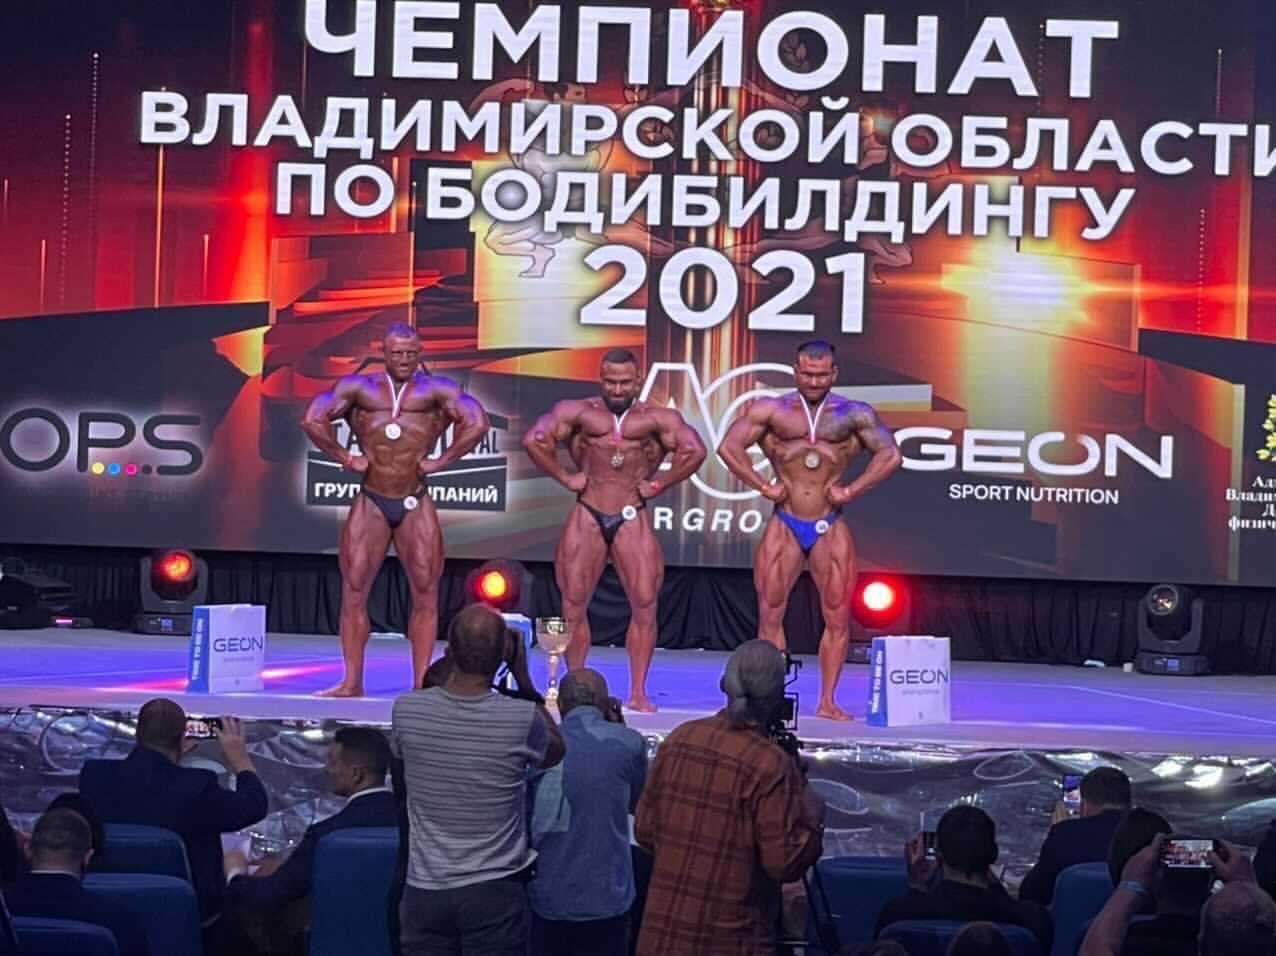 Брянские бодибилдеры забрали кубки Чемпионата Владимирской области